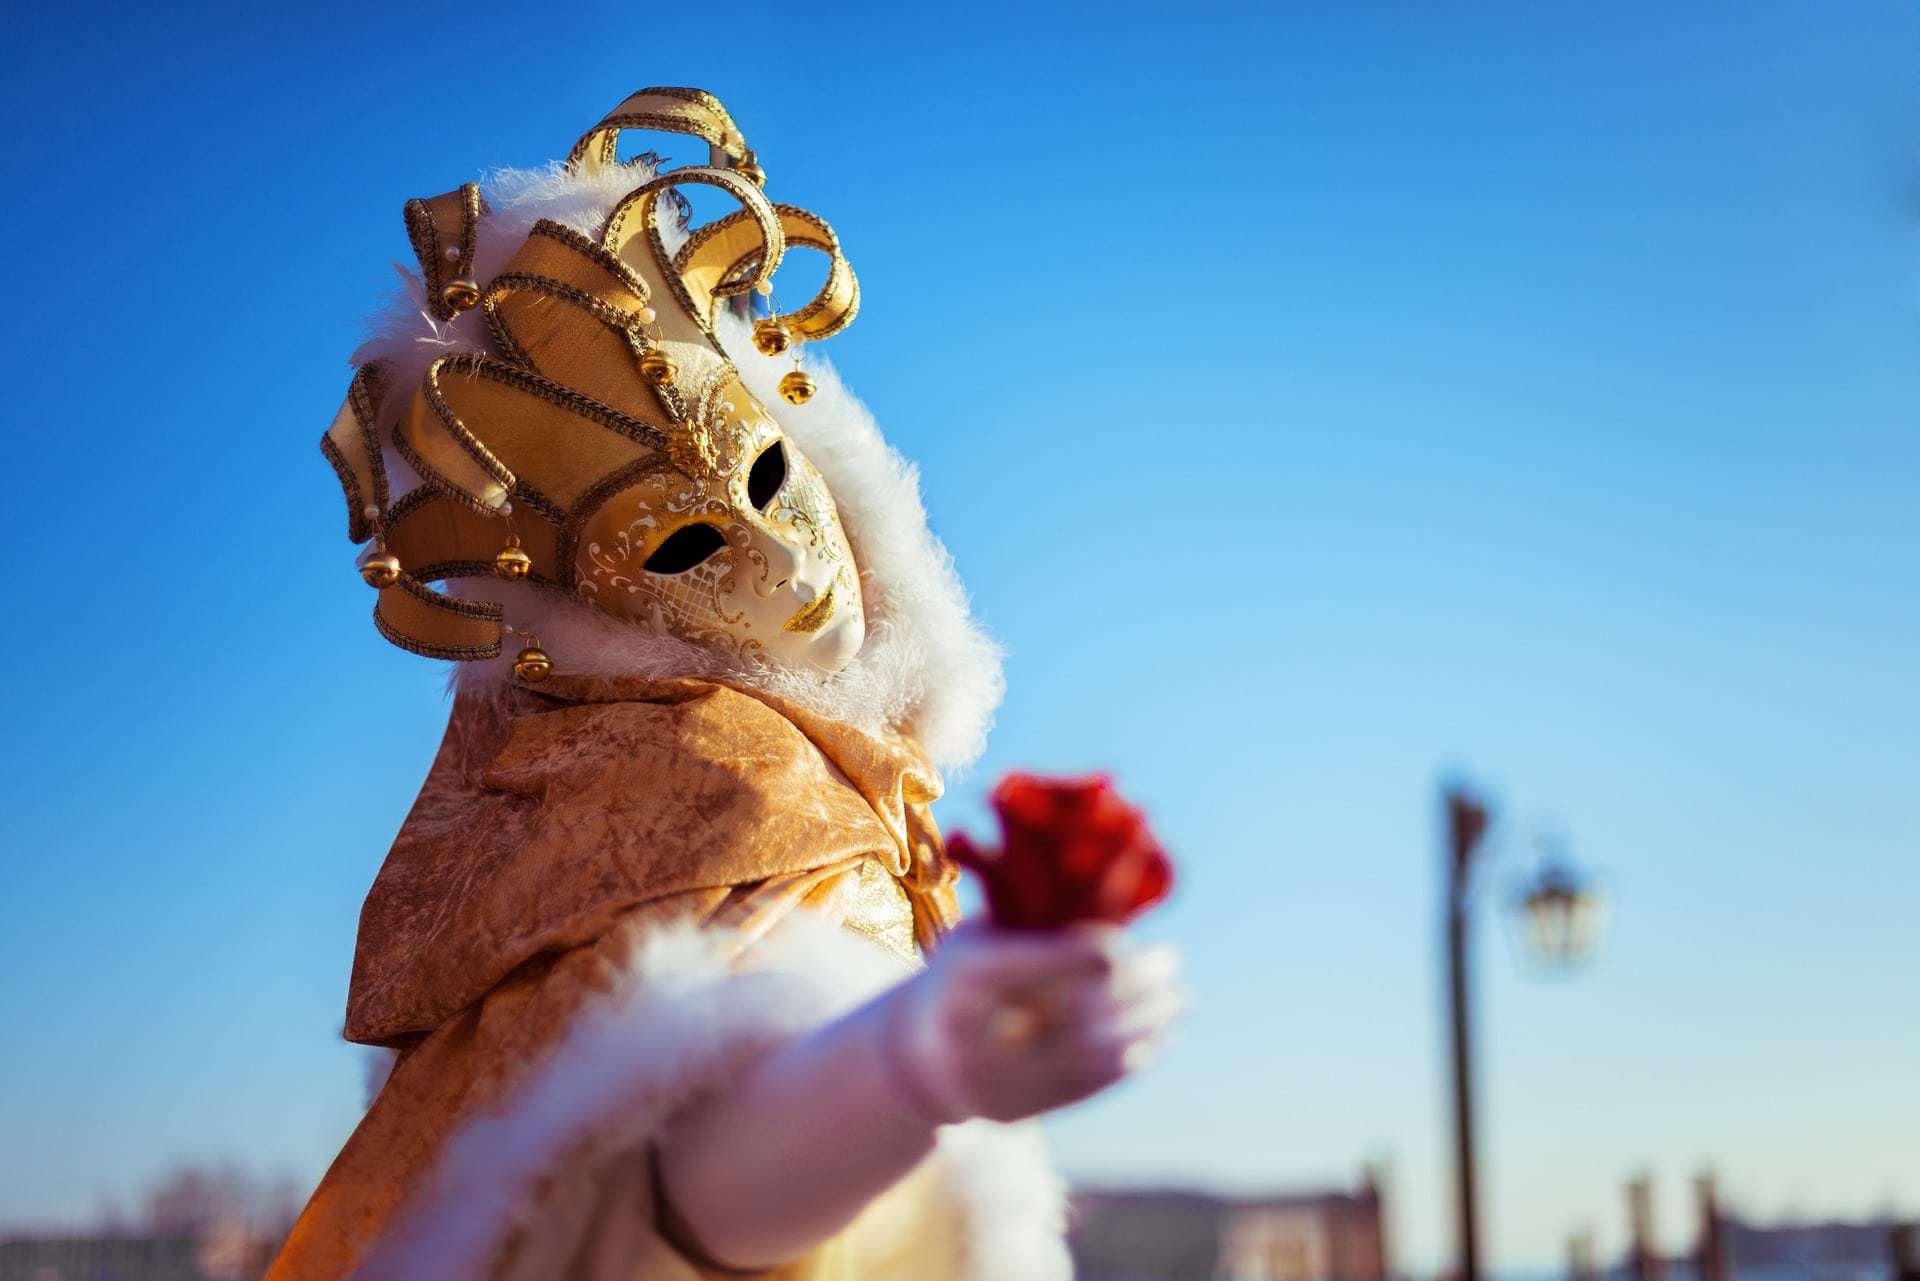 Carnevale in Italia: le feste più belle, tradizioni e dolci tipici